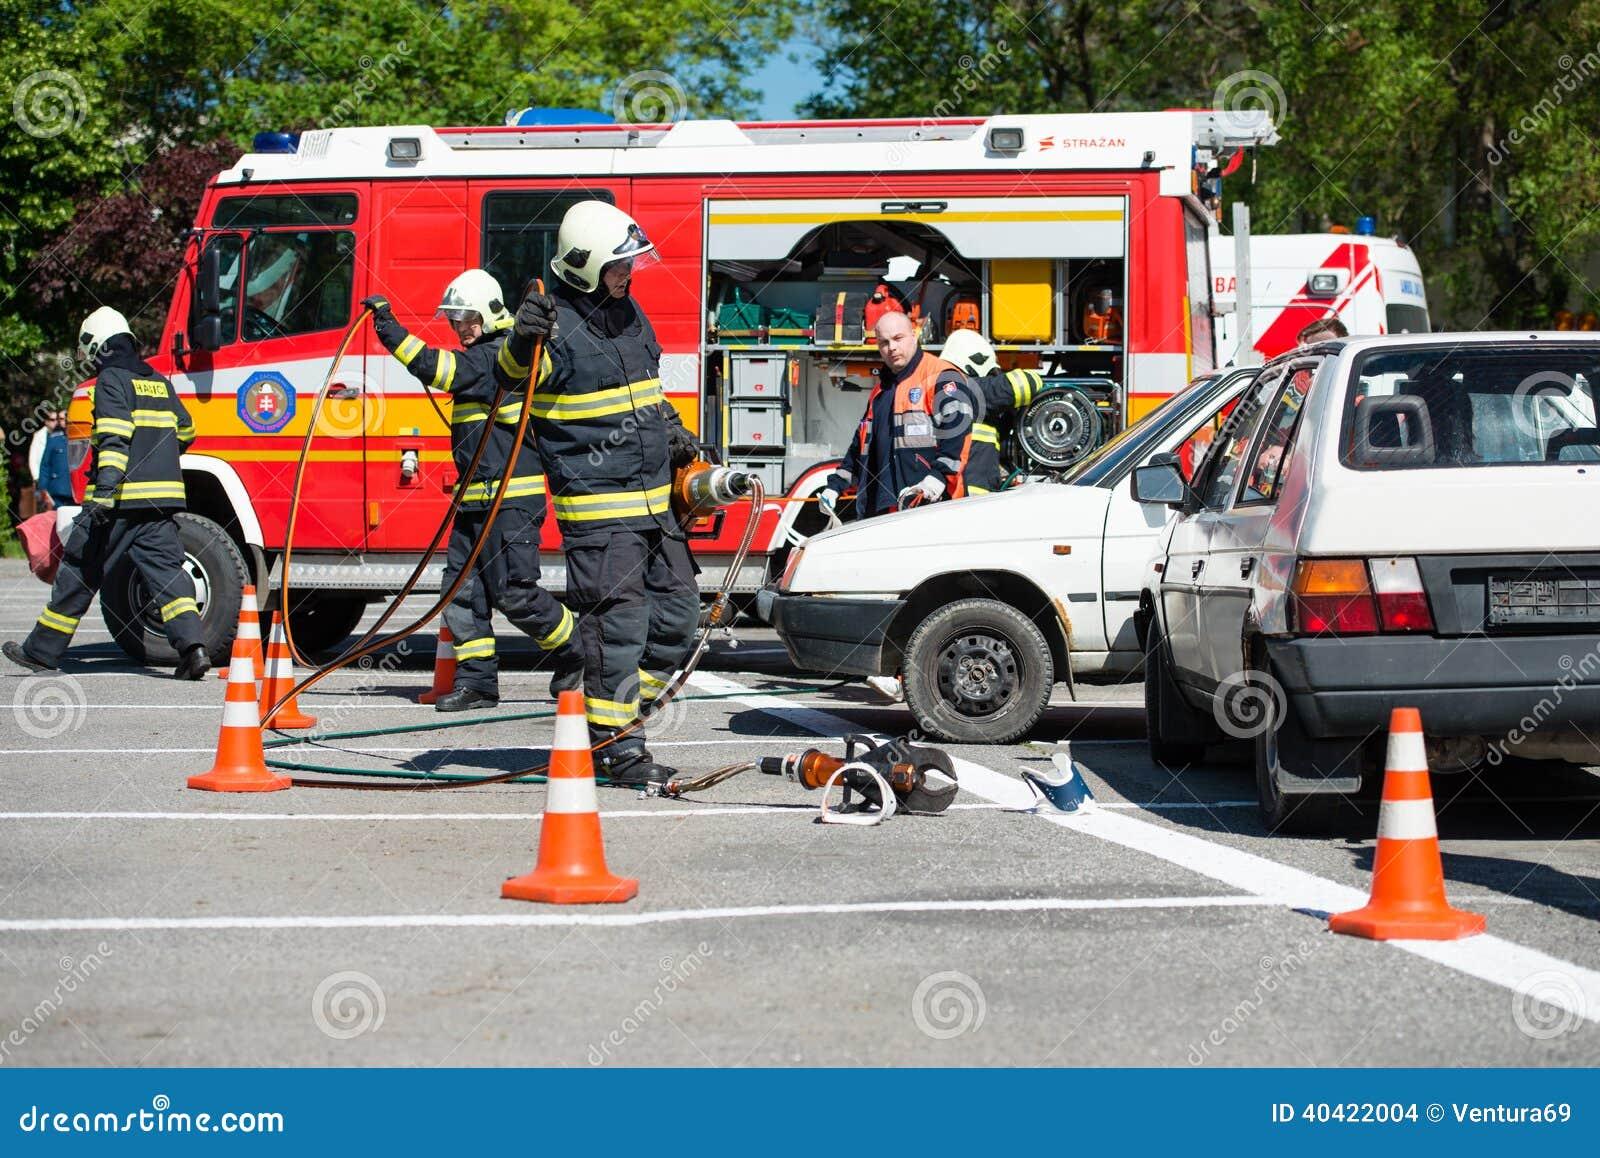 Slovakia Car Accident